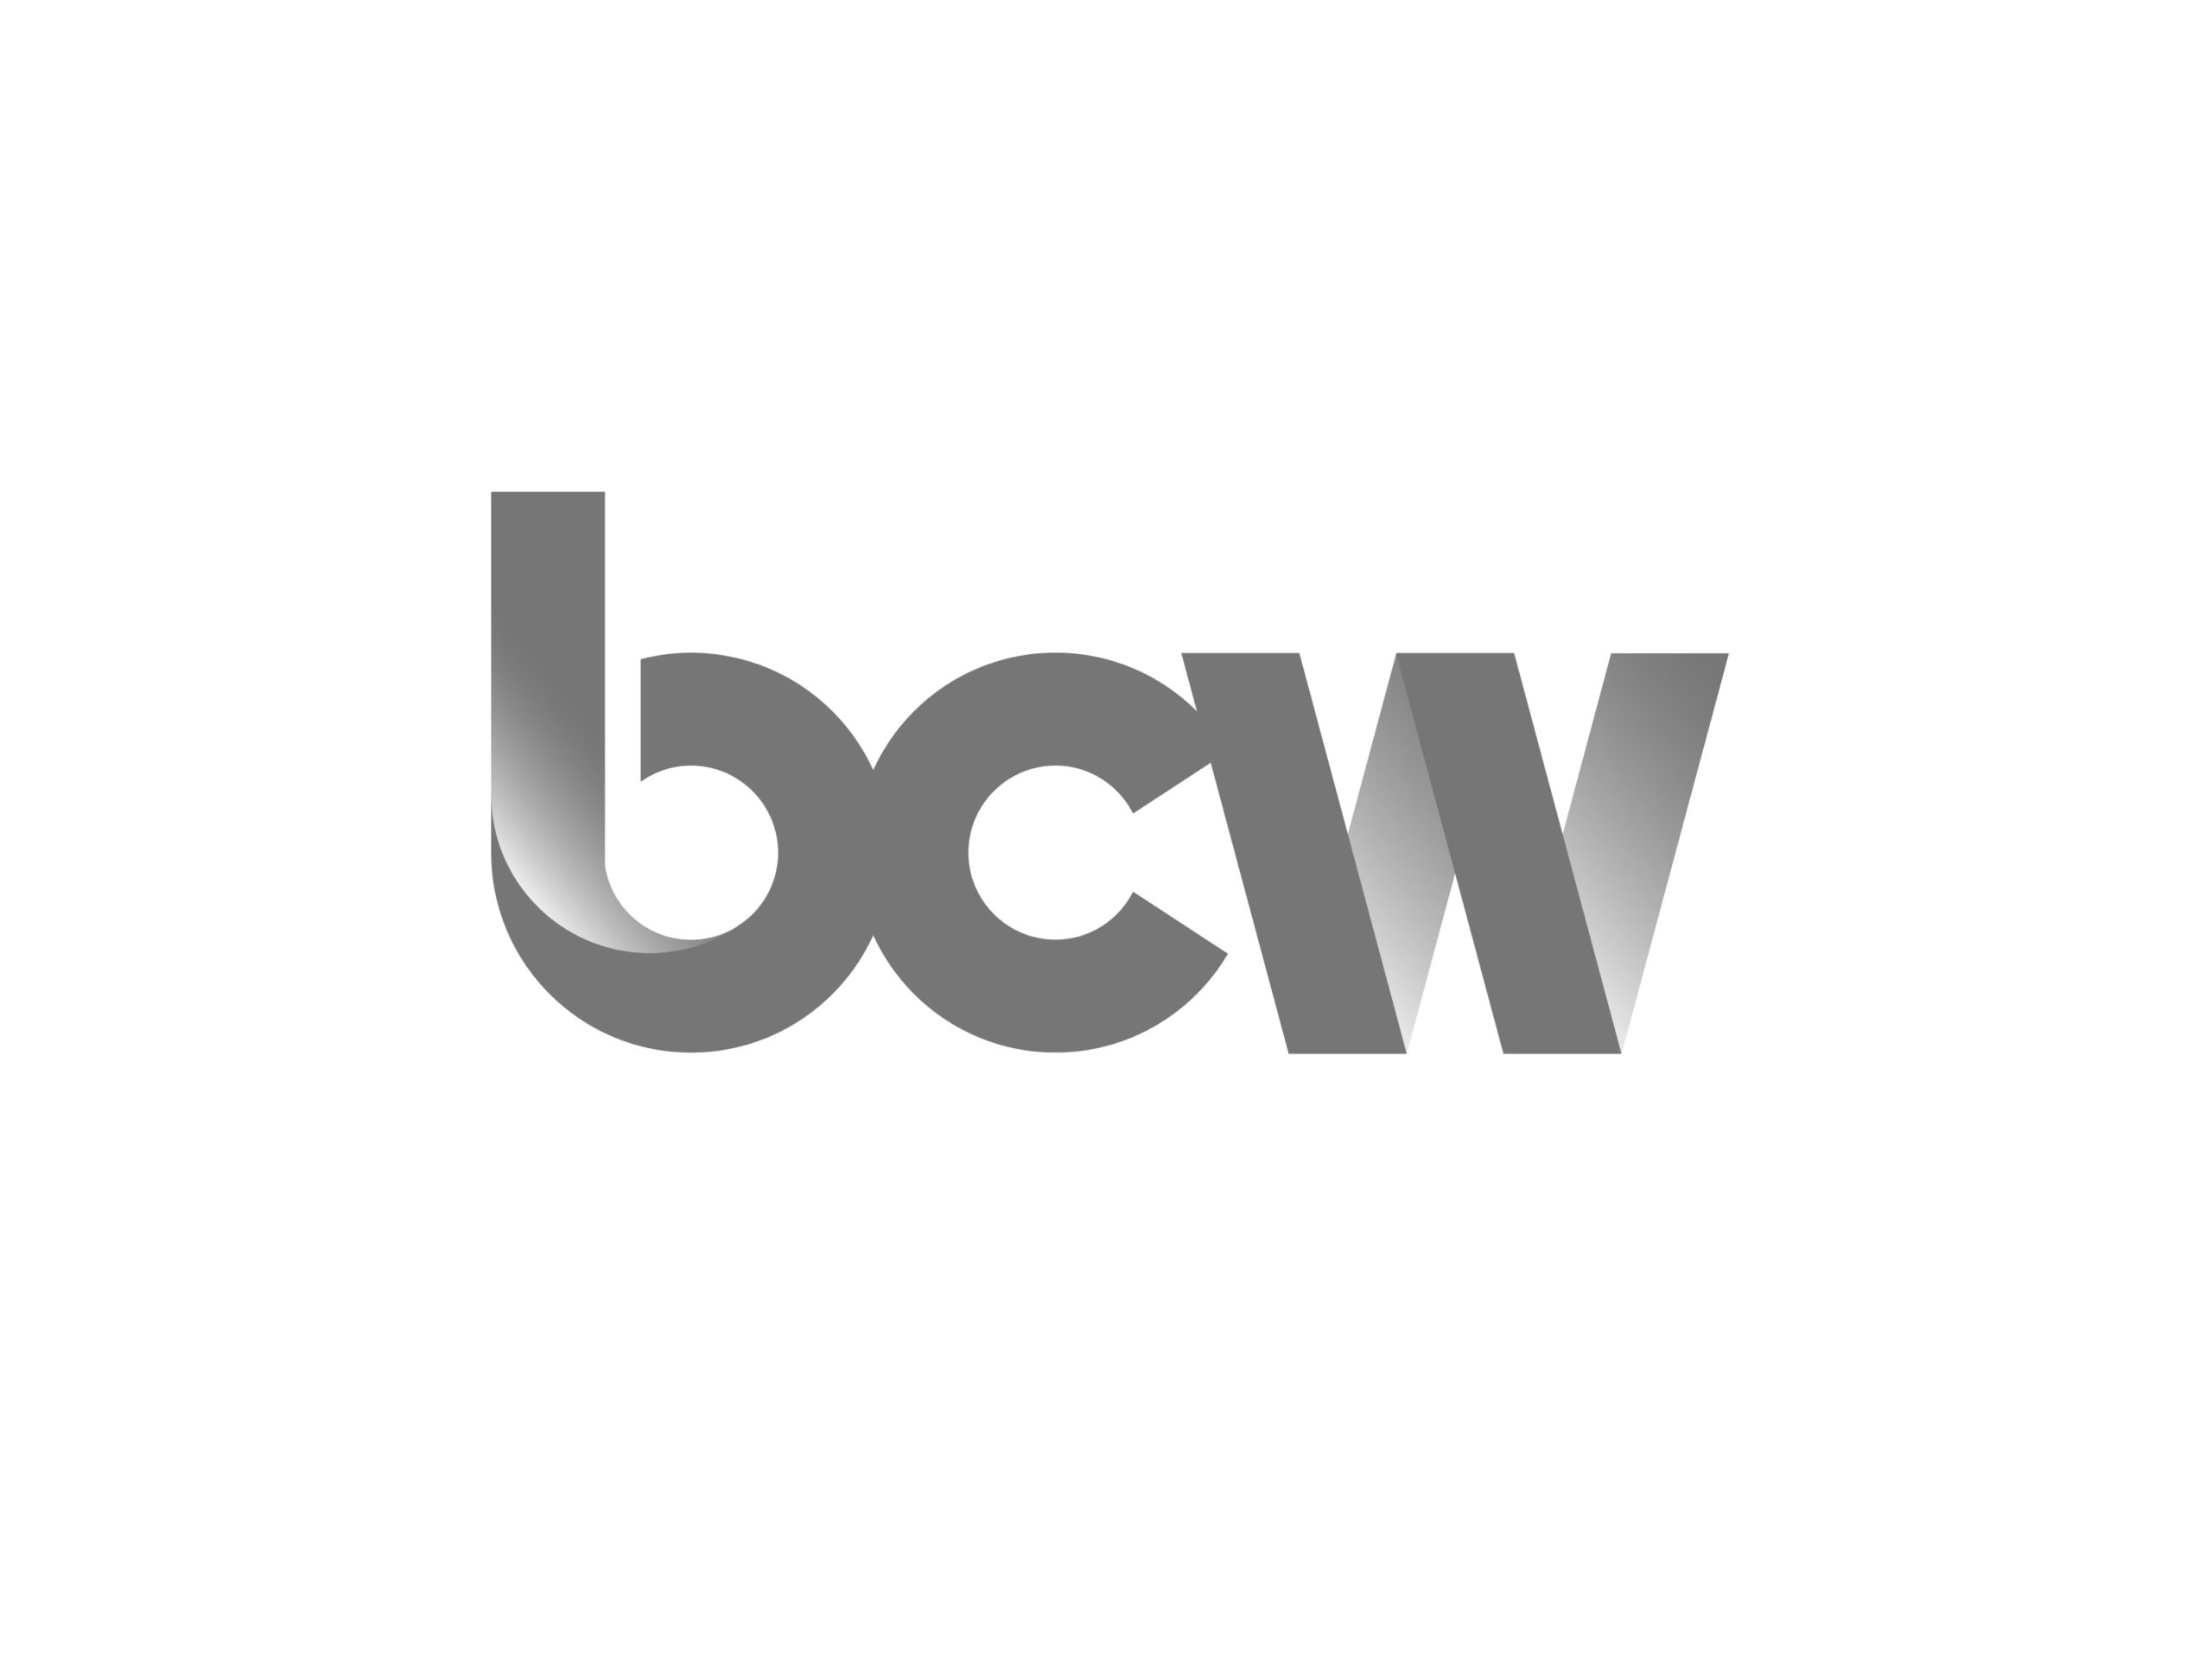 Cohn BCW